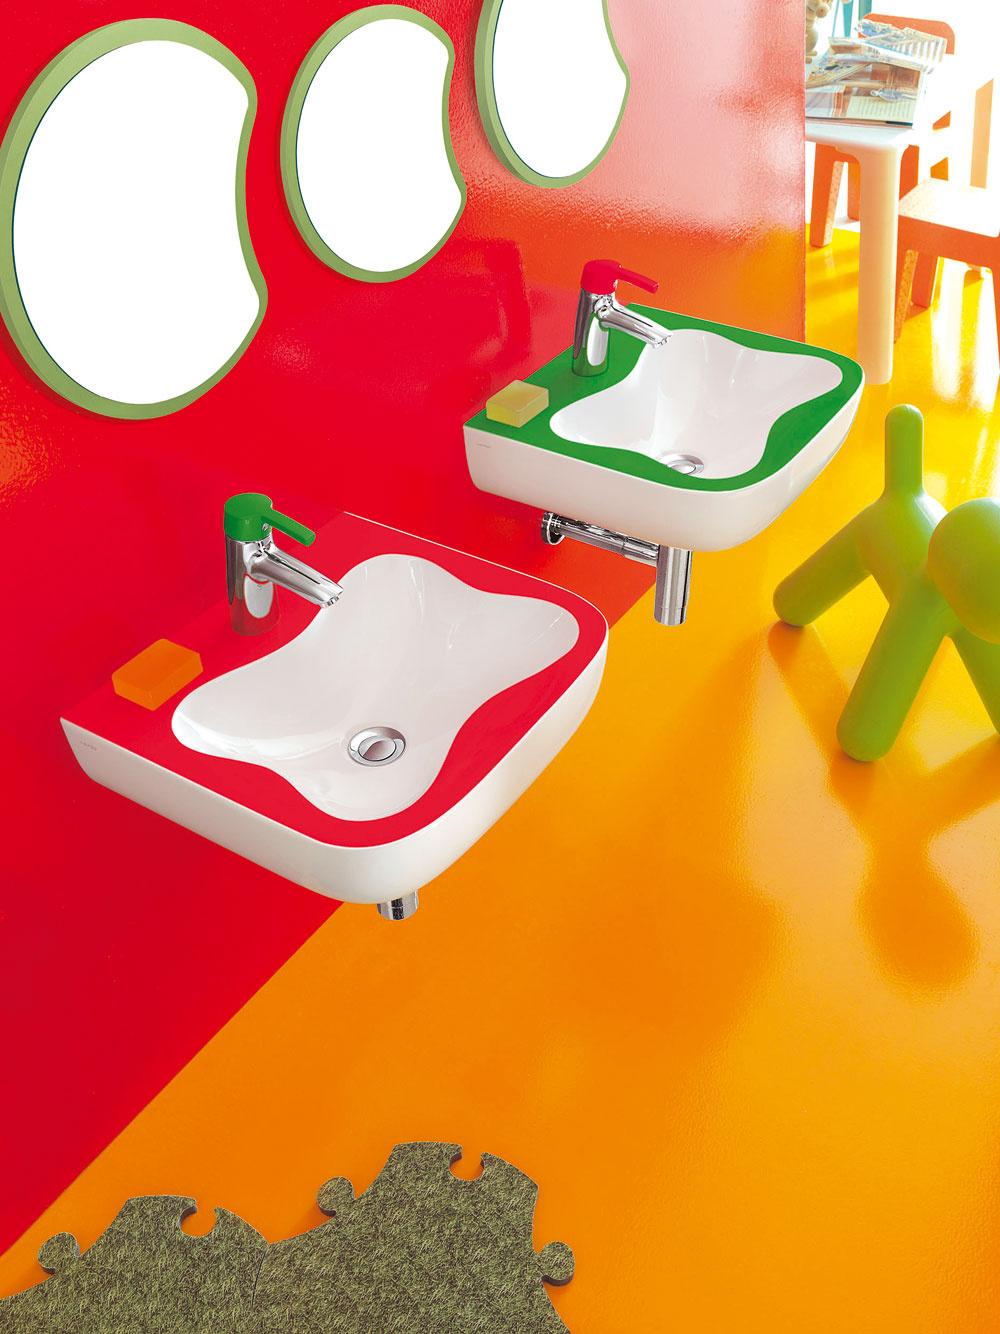 Pozrite sa na svet zdetskej výšky, na záchod sa musia vyštverať, umyť ruky je komplikované, pretože nedočiahnu na batériu aumývadlo je privysoko. Všetko je také zložité... Vkúpeľni dochádza aj častejšie kúrazom, pretože podlaha je šmykľavá, aak je všetko vnedostupnej výške, treba ktomu vyliezť, čo sa môže skončiť tvrdým dopadom.